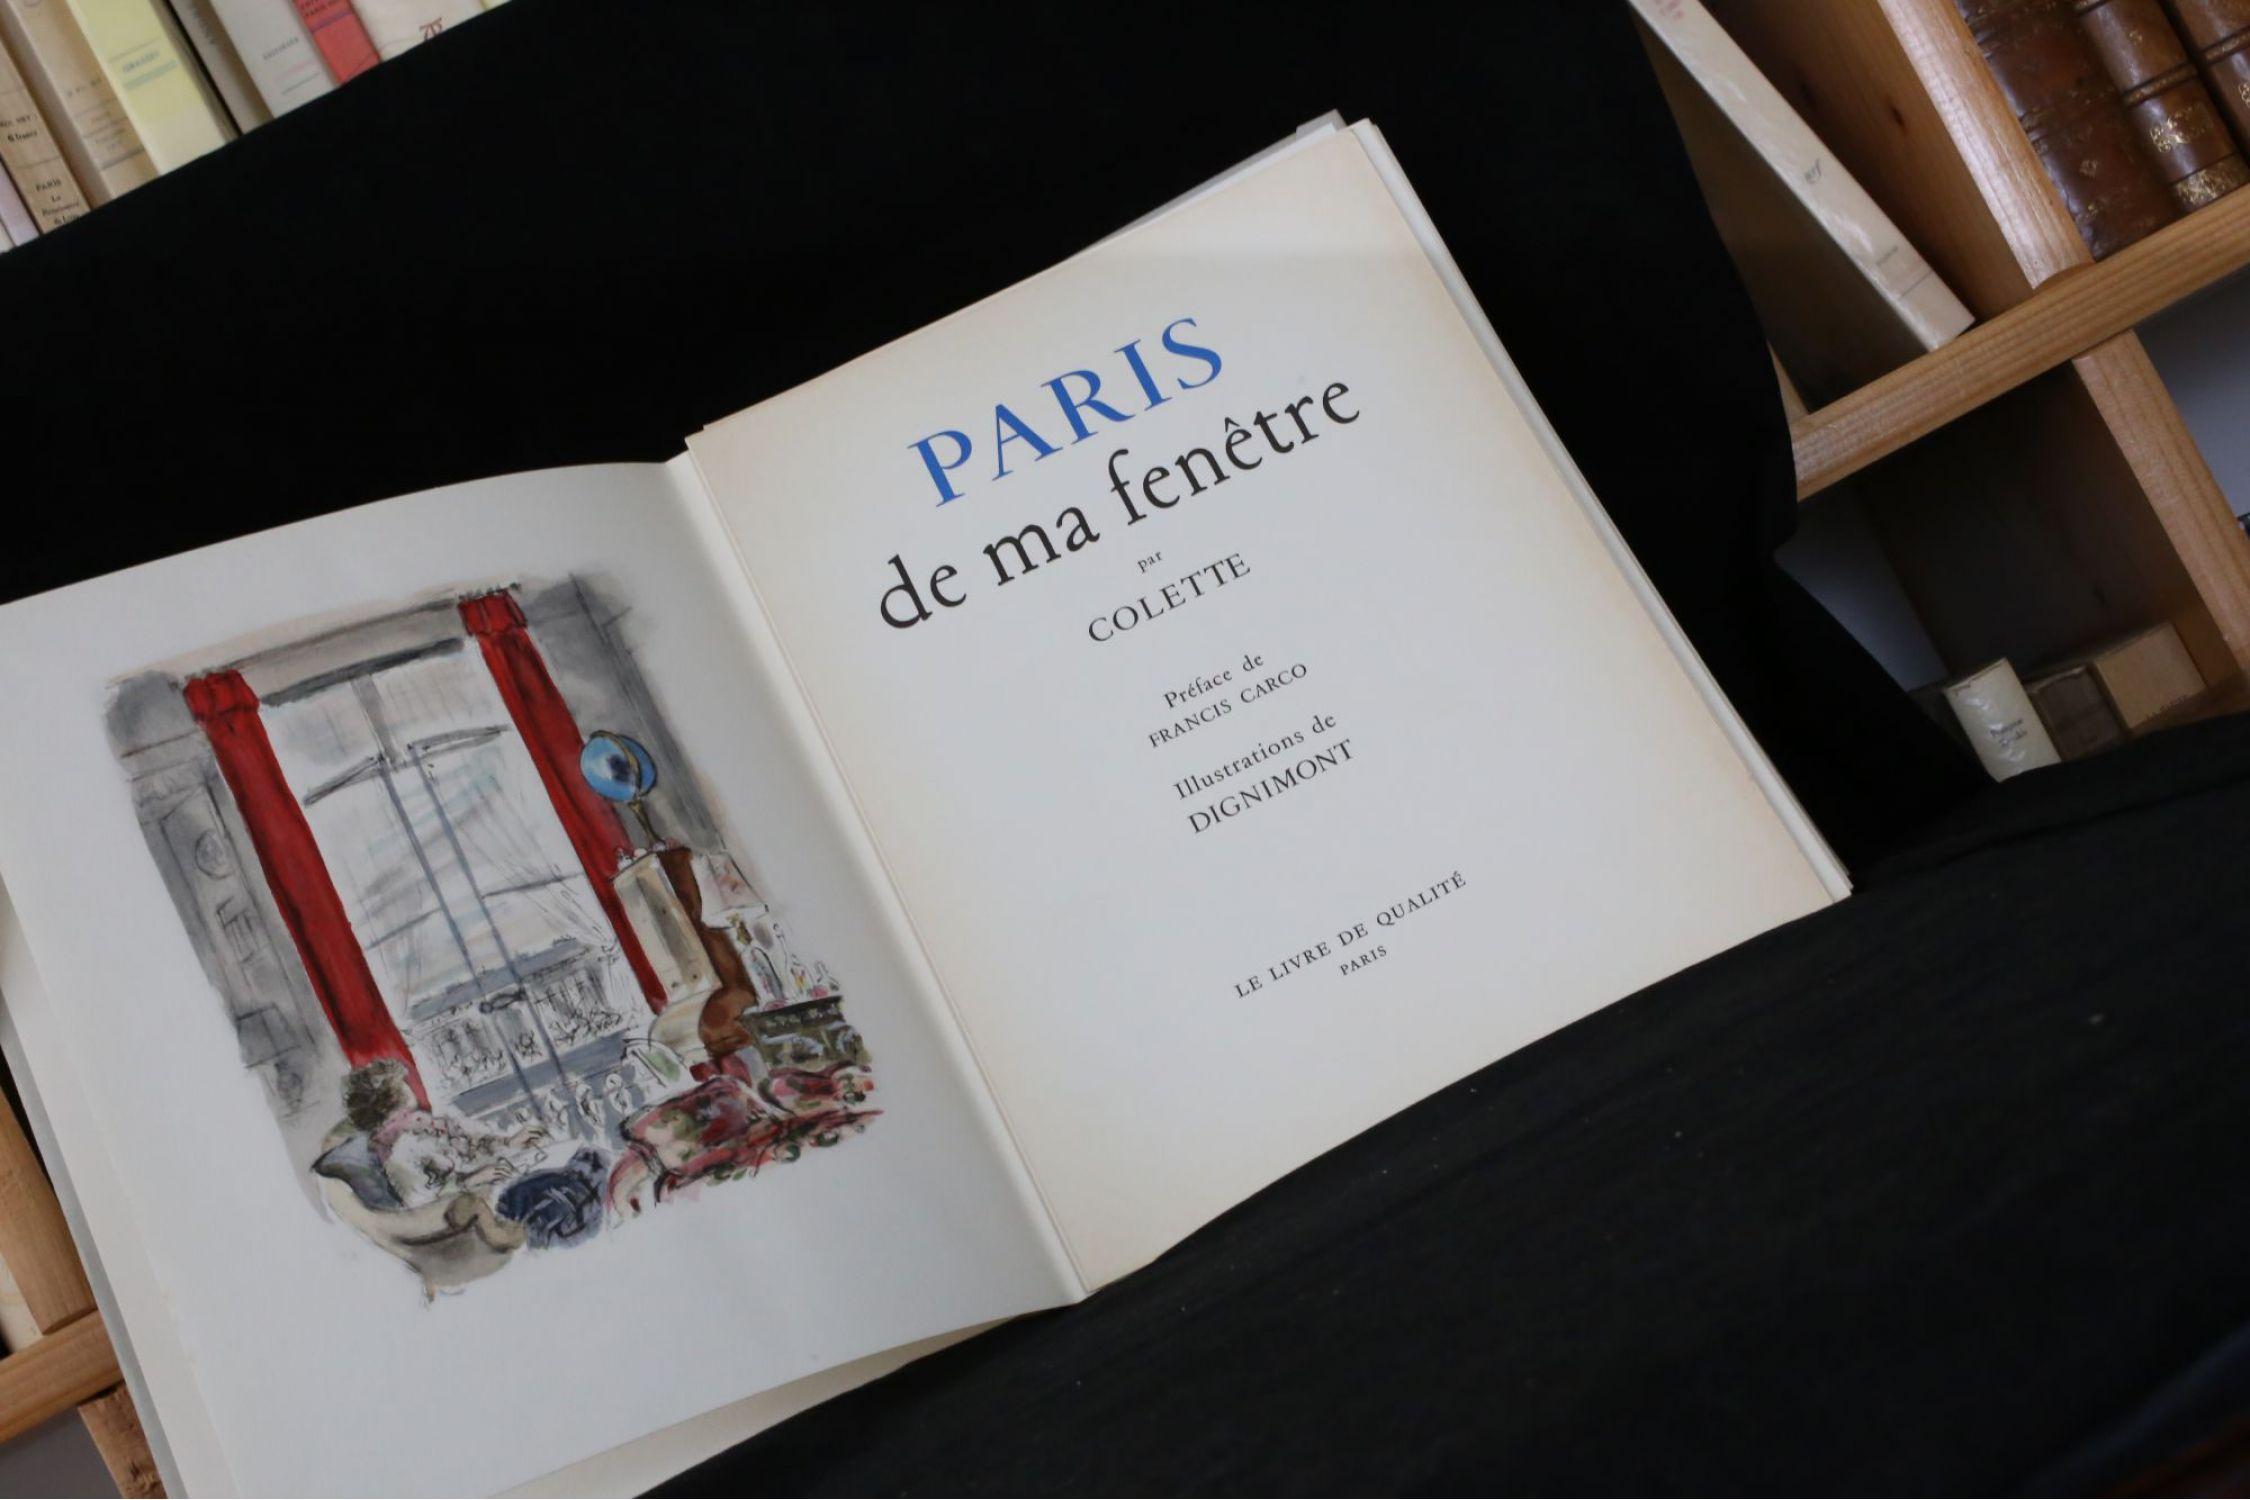 Colette paris de ma fen tre edition for Ahae de ma fenetre